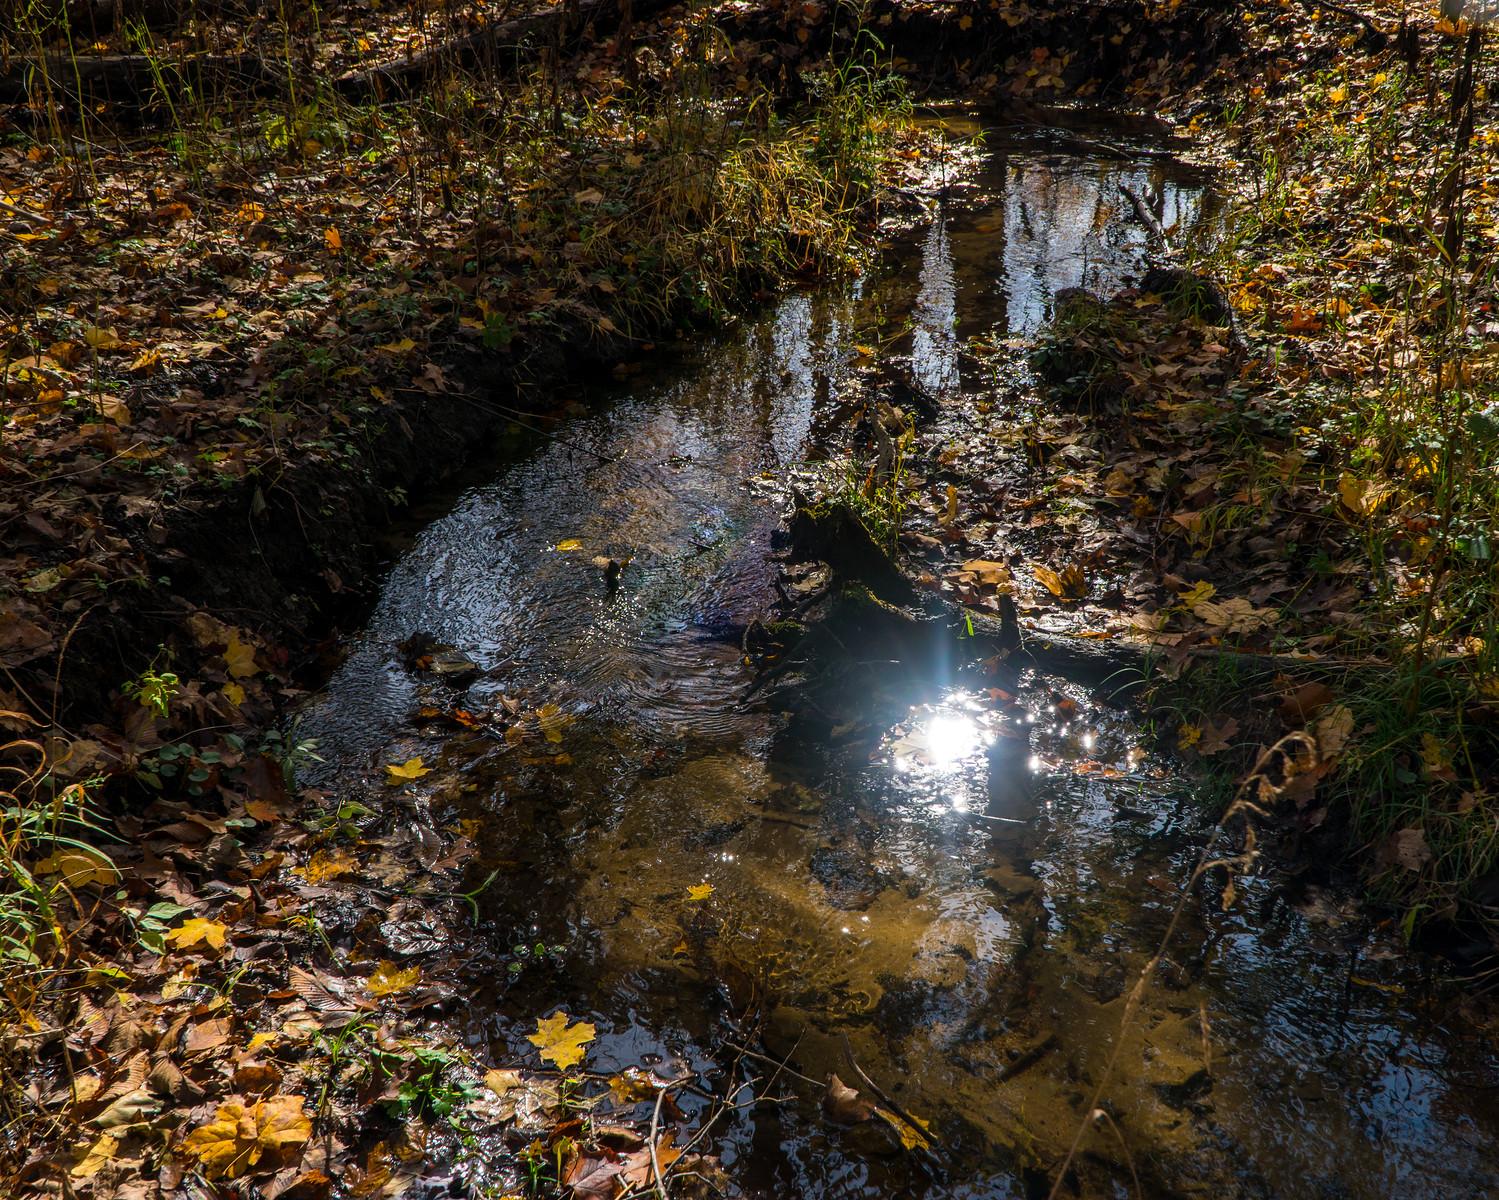 Reflections at the Nan Weston Preserve